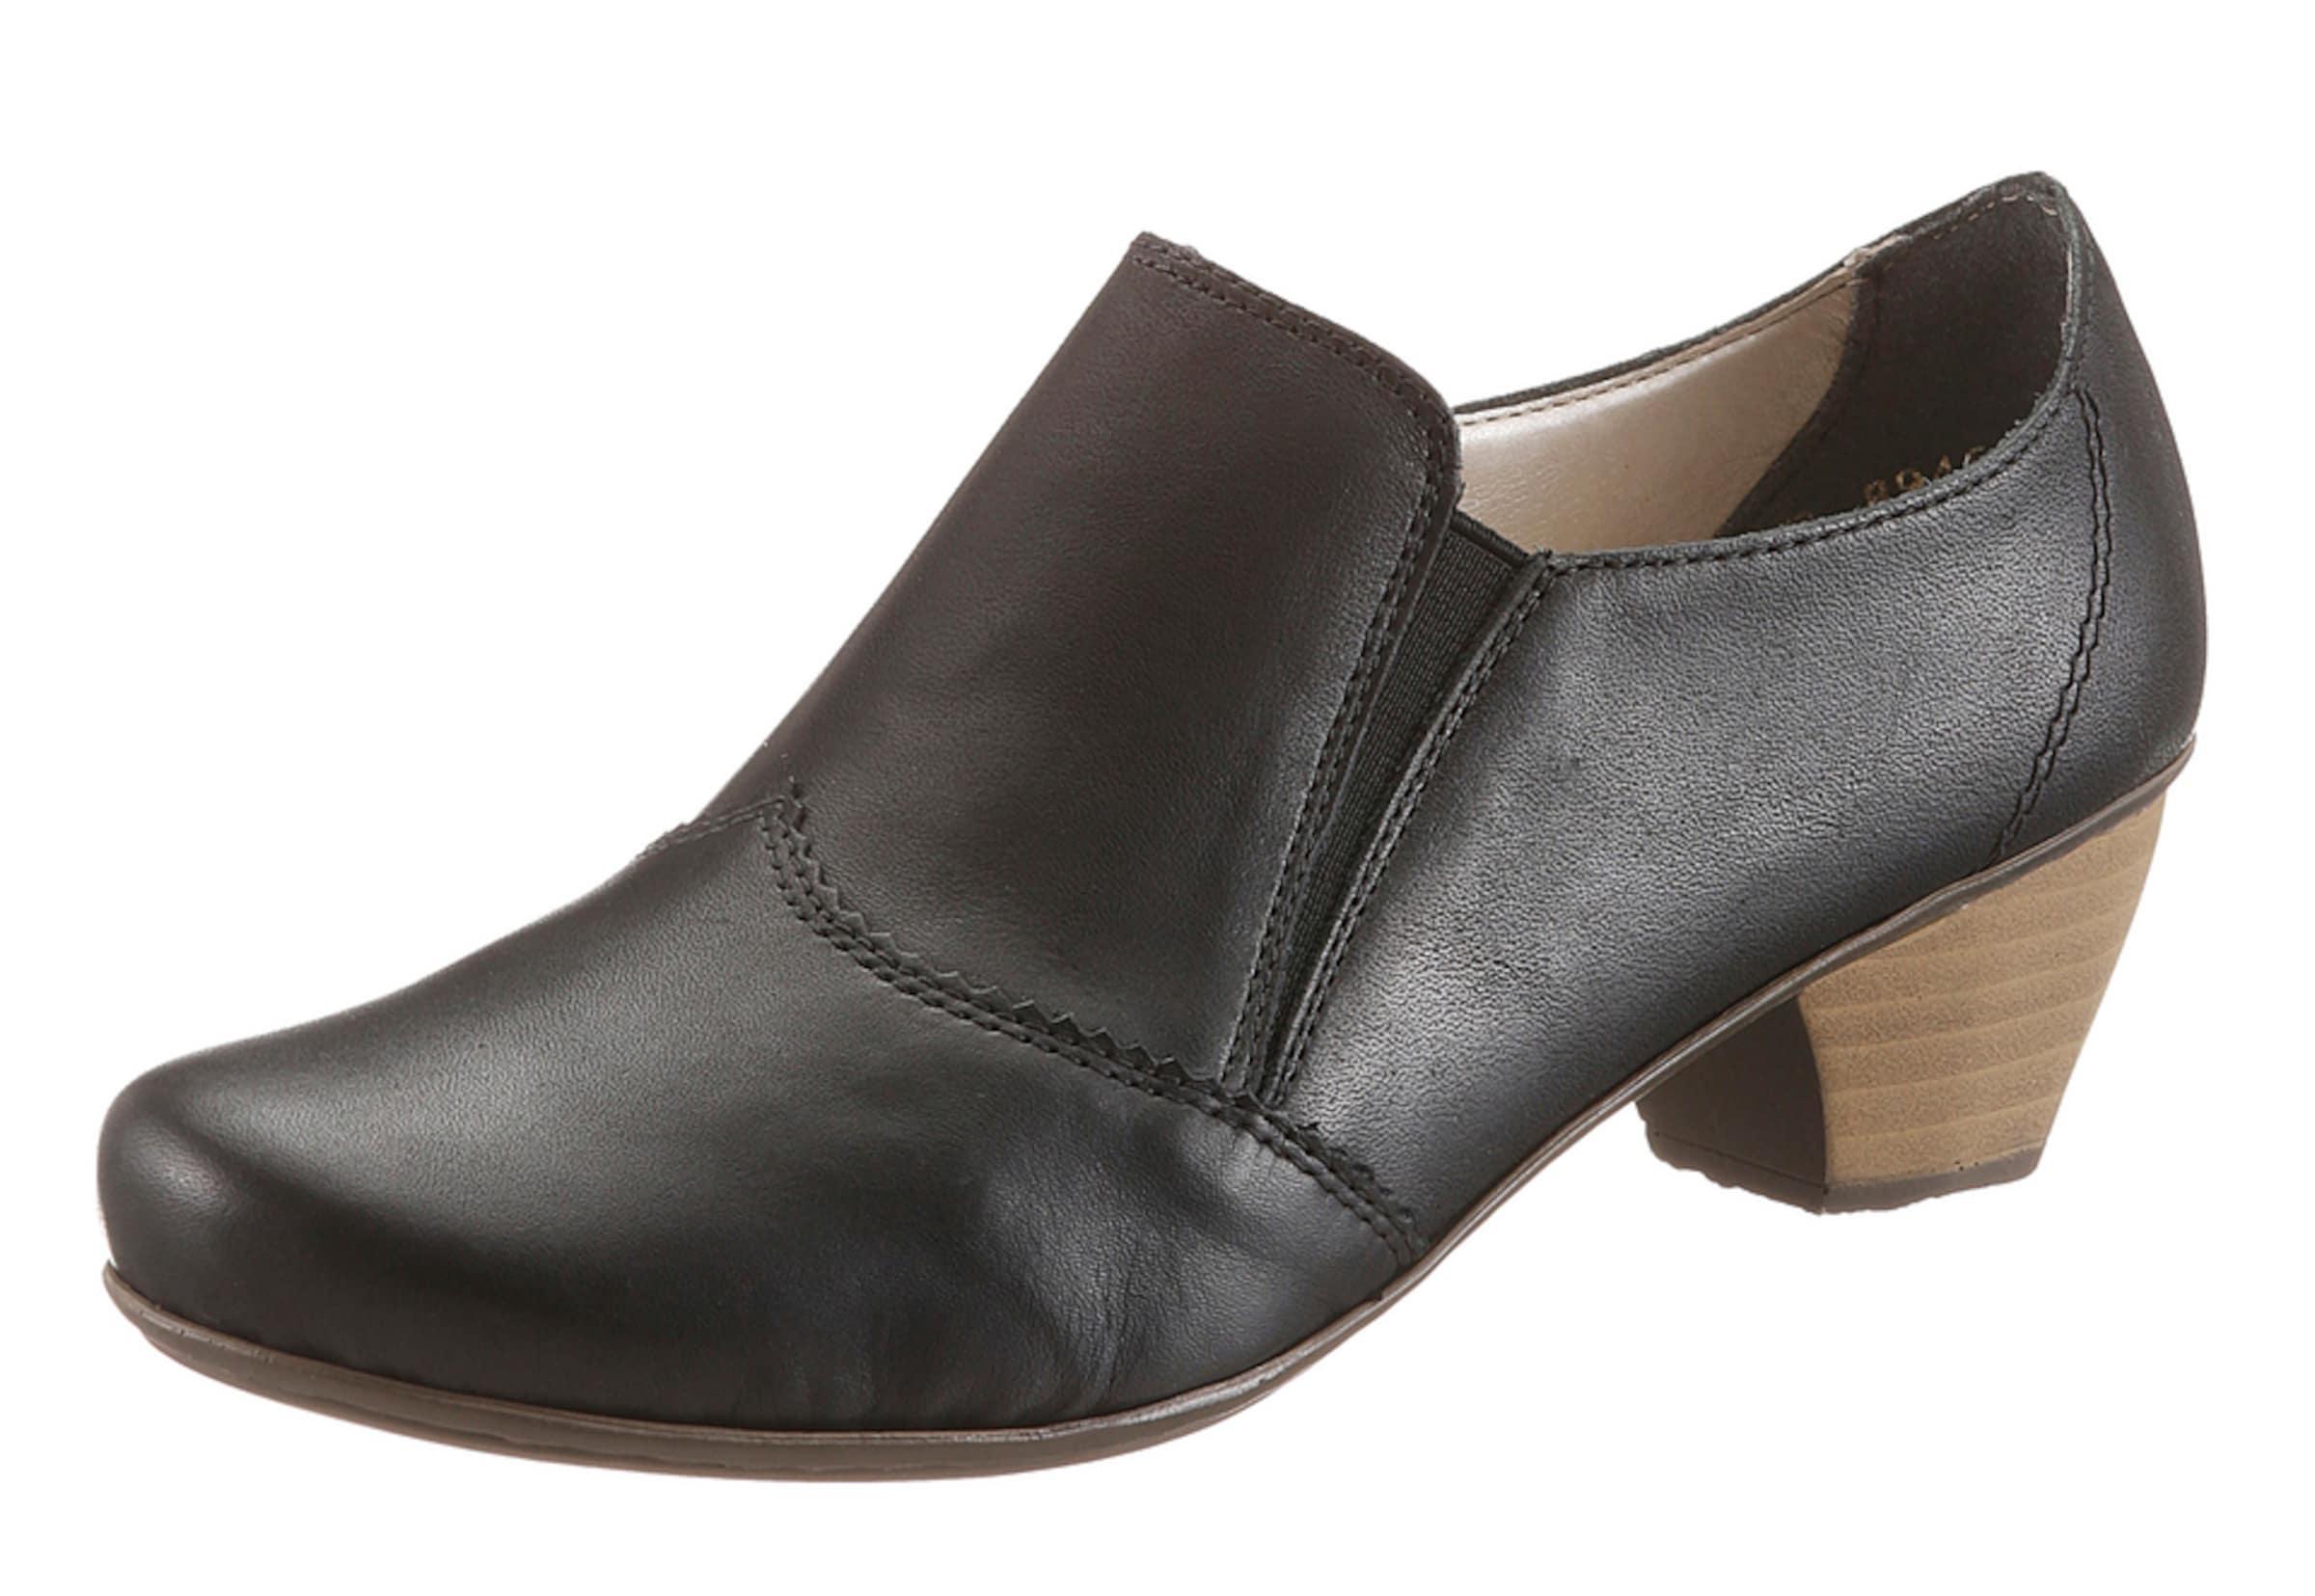 RIEKER Hochfrontpumps Verschleißfeste billige Schuhe Hohe Qualität